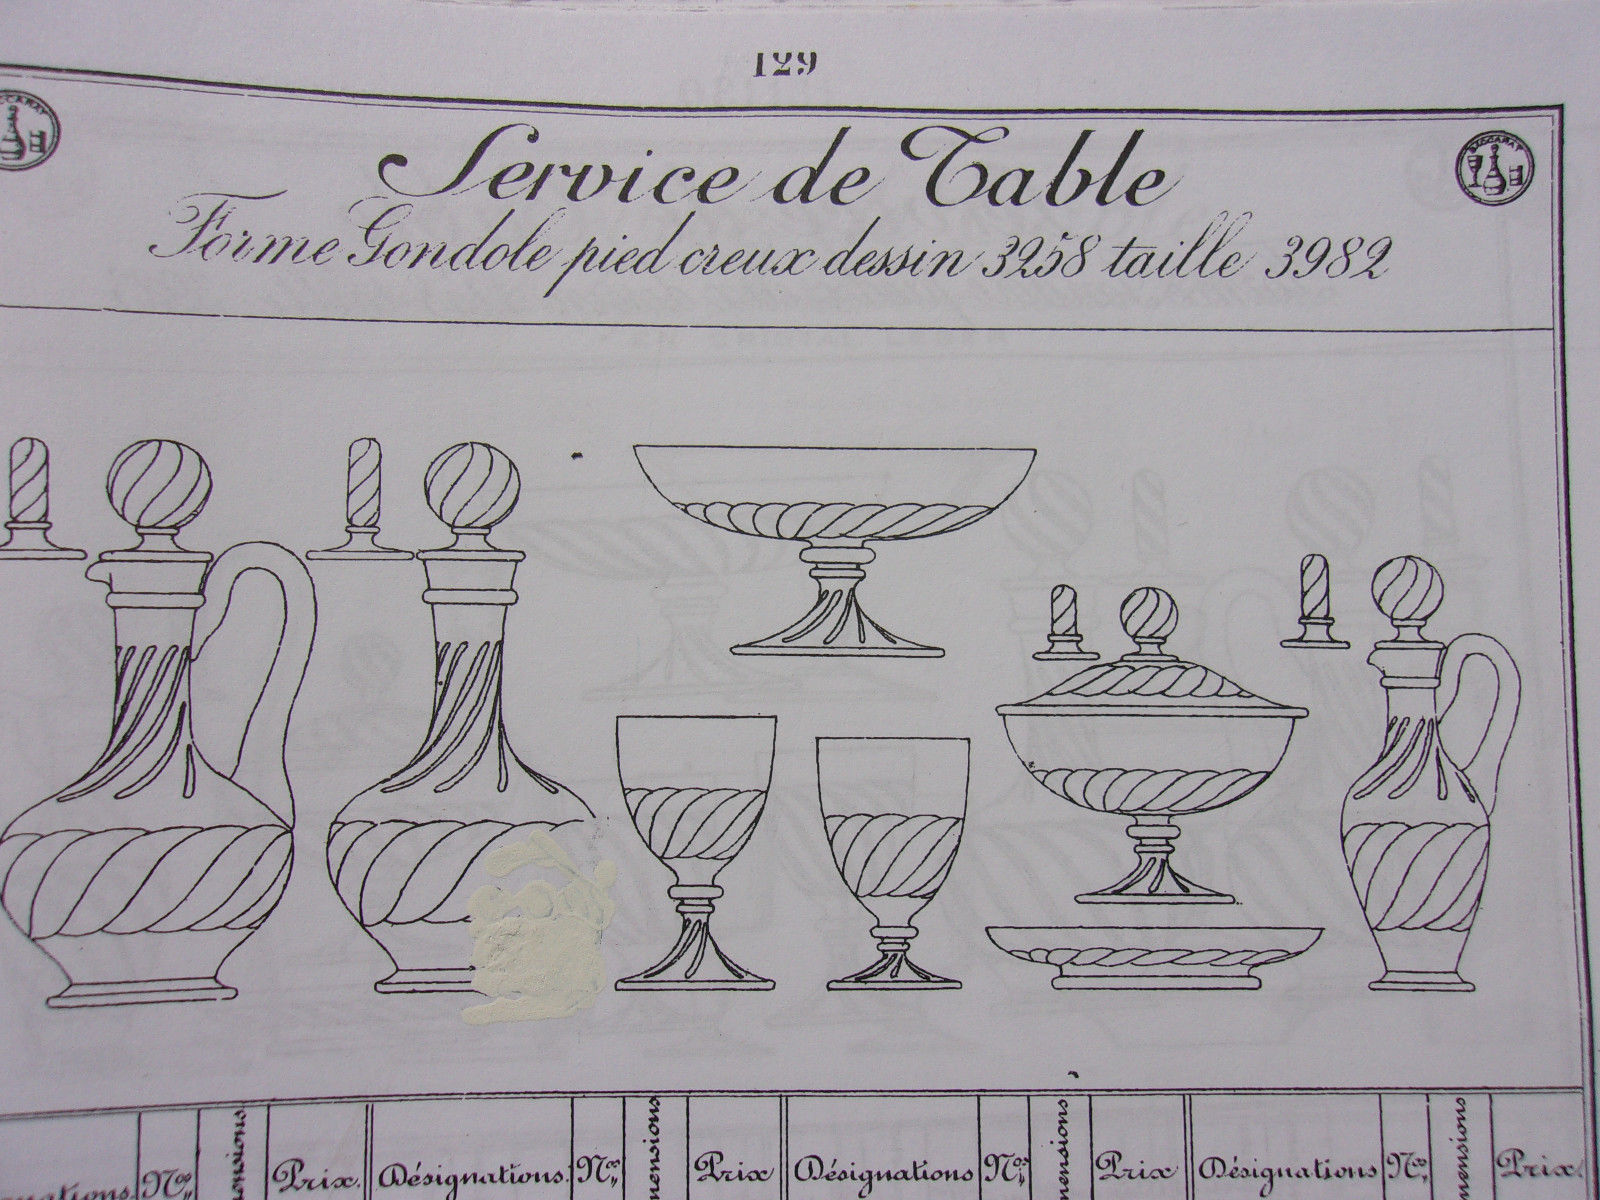 バカラの古いカタログのページ